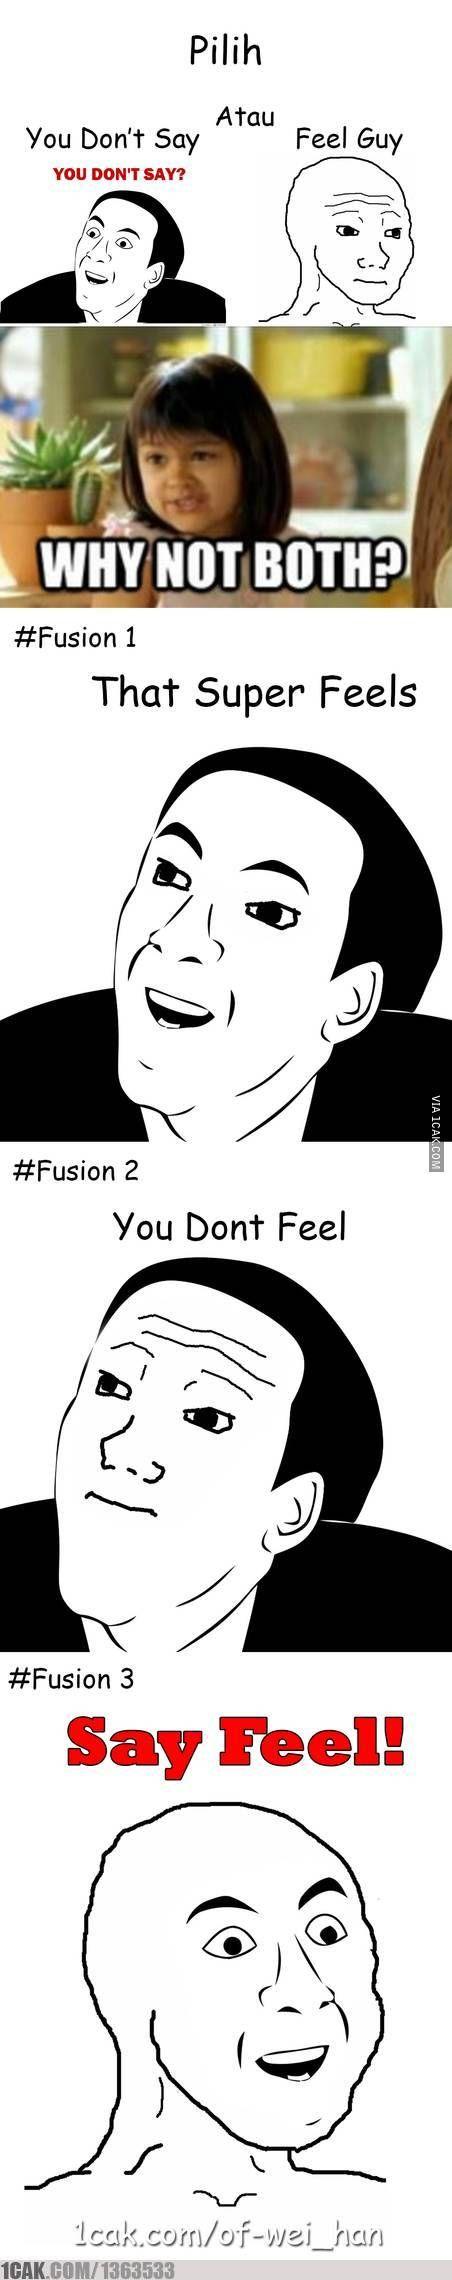 Yds And Feelguy Meme Indonesia Lucu V V Pinterest